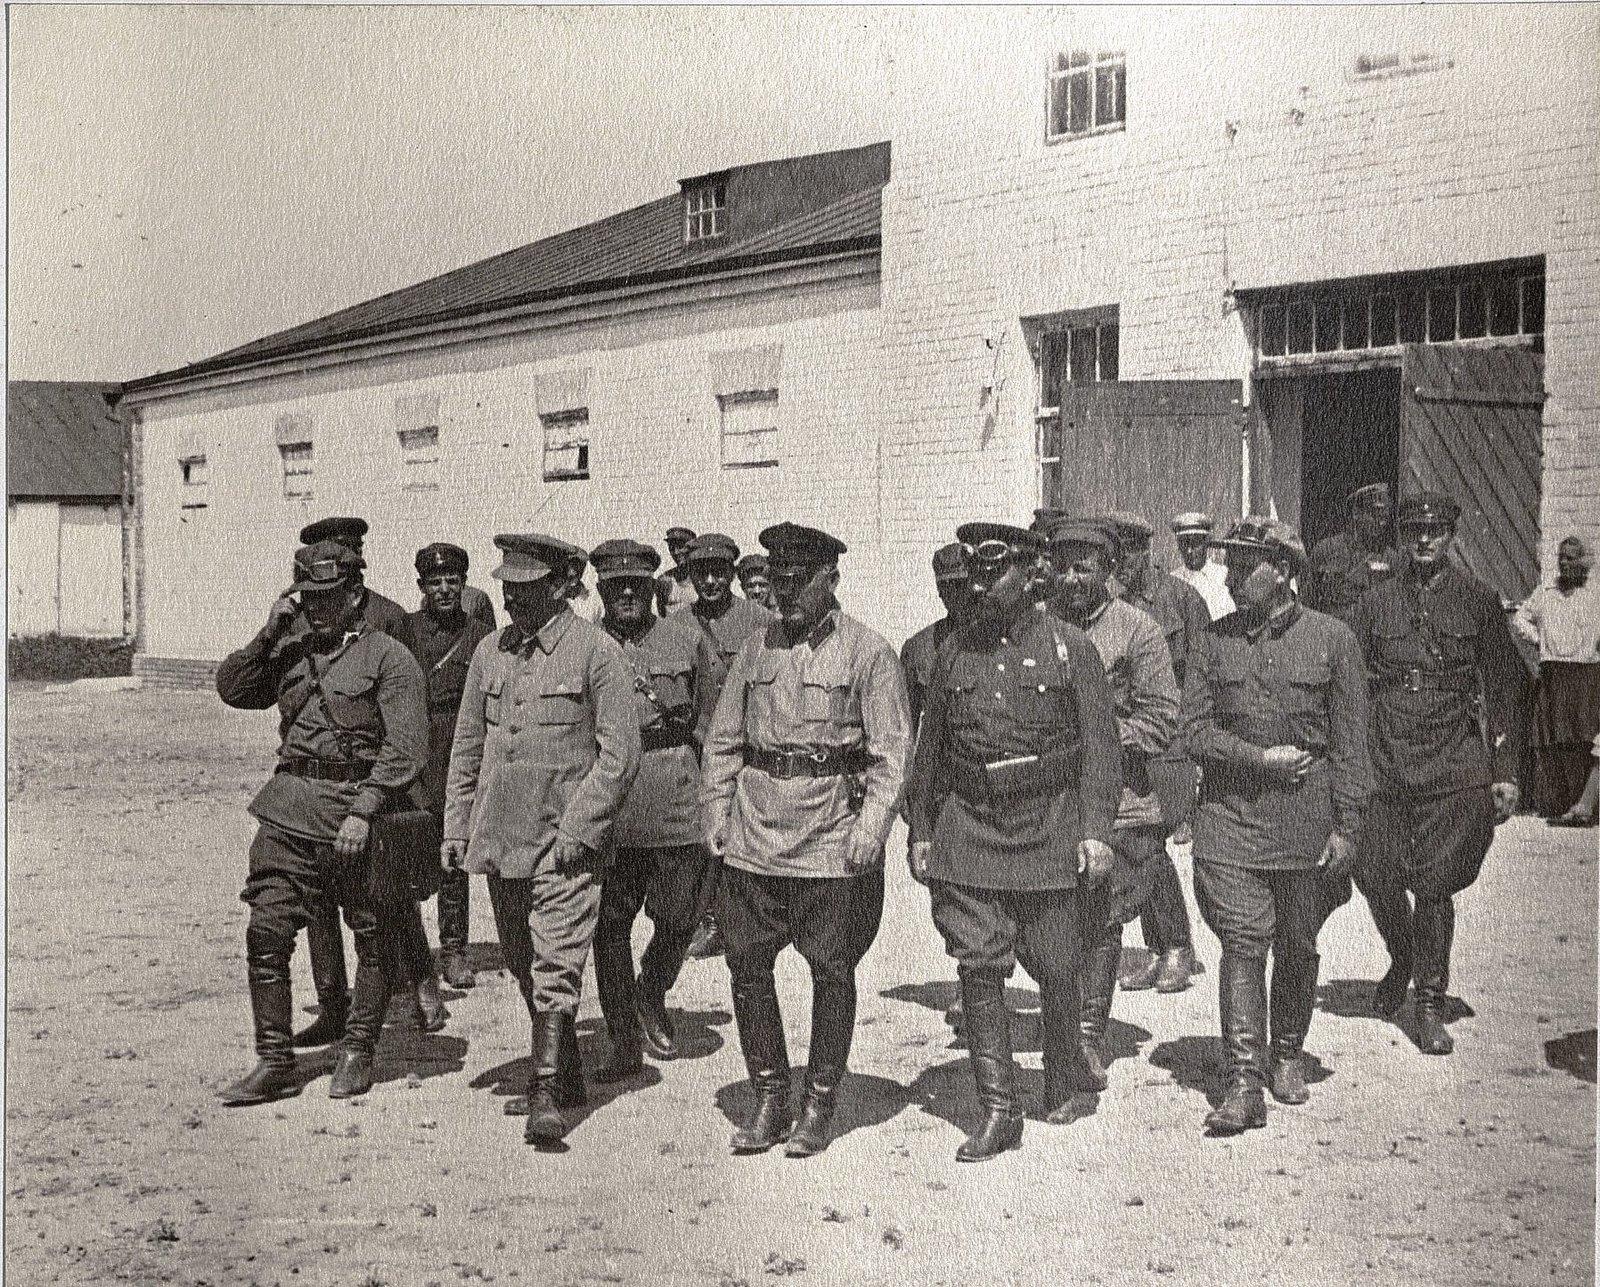 66. И.В. Сталин, К.Е. Ворошилов, С.М. Буденный с сотрудниками охраны во время посещения воинской части